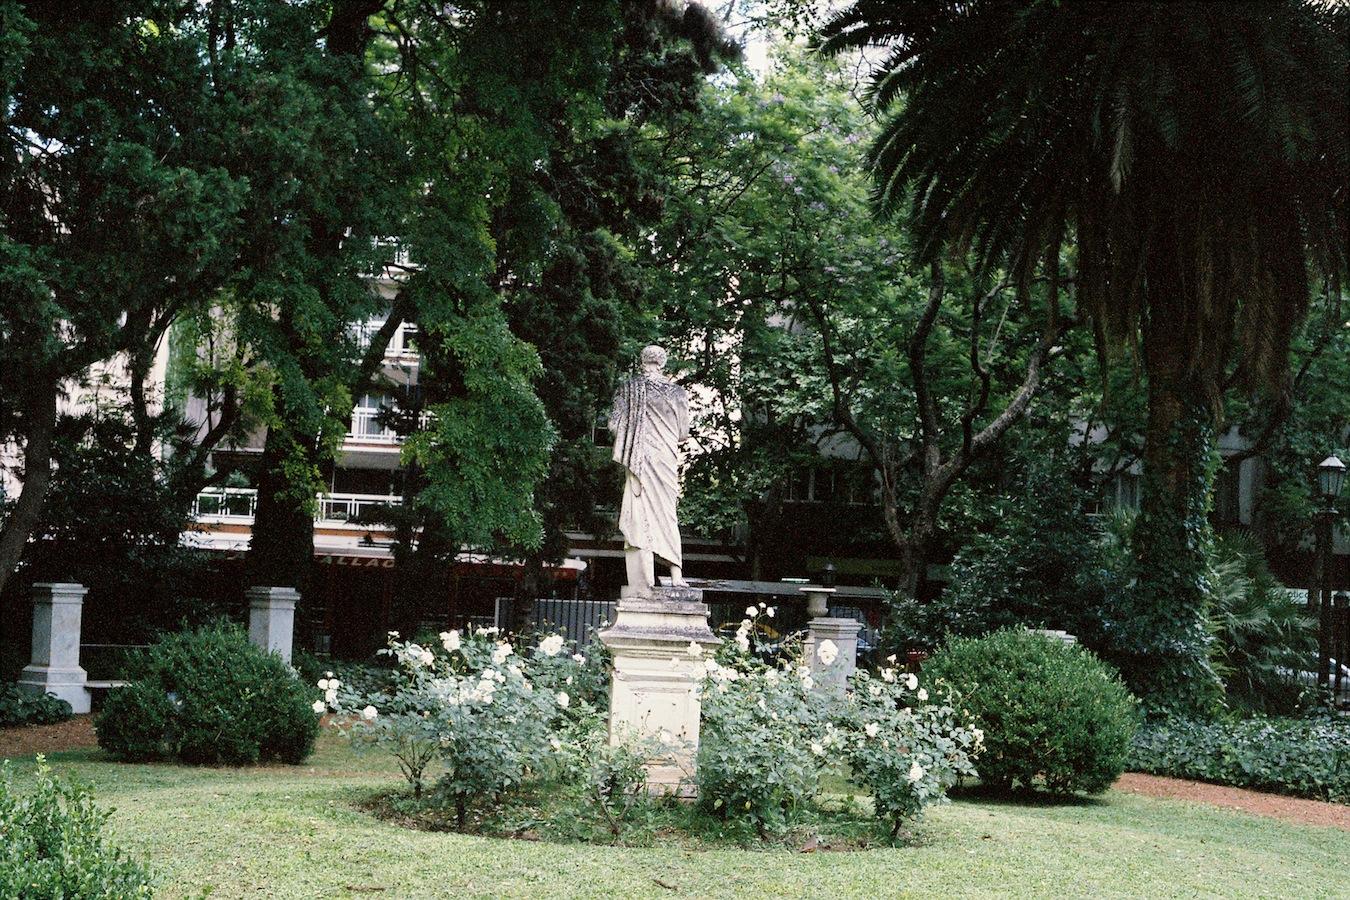 http://lafilladelfotografu.irenavisa.com/files/gimgs/88_f1020024-1.jpg